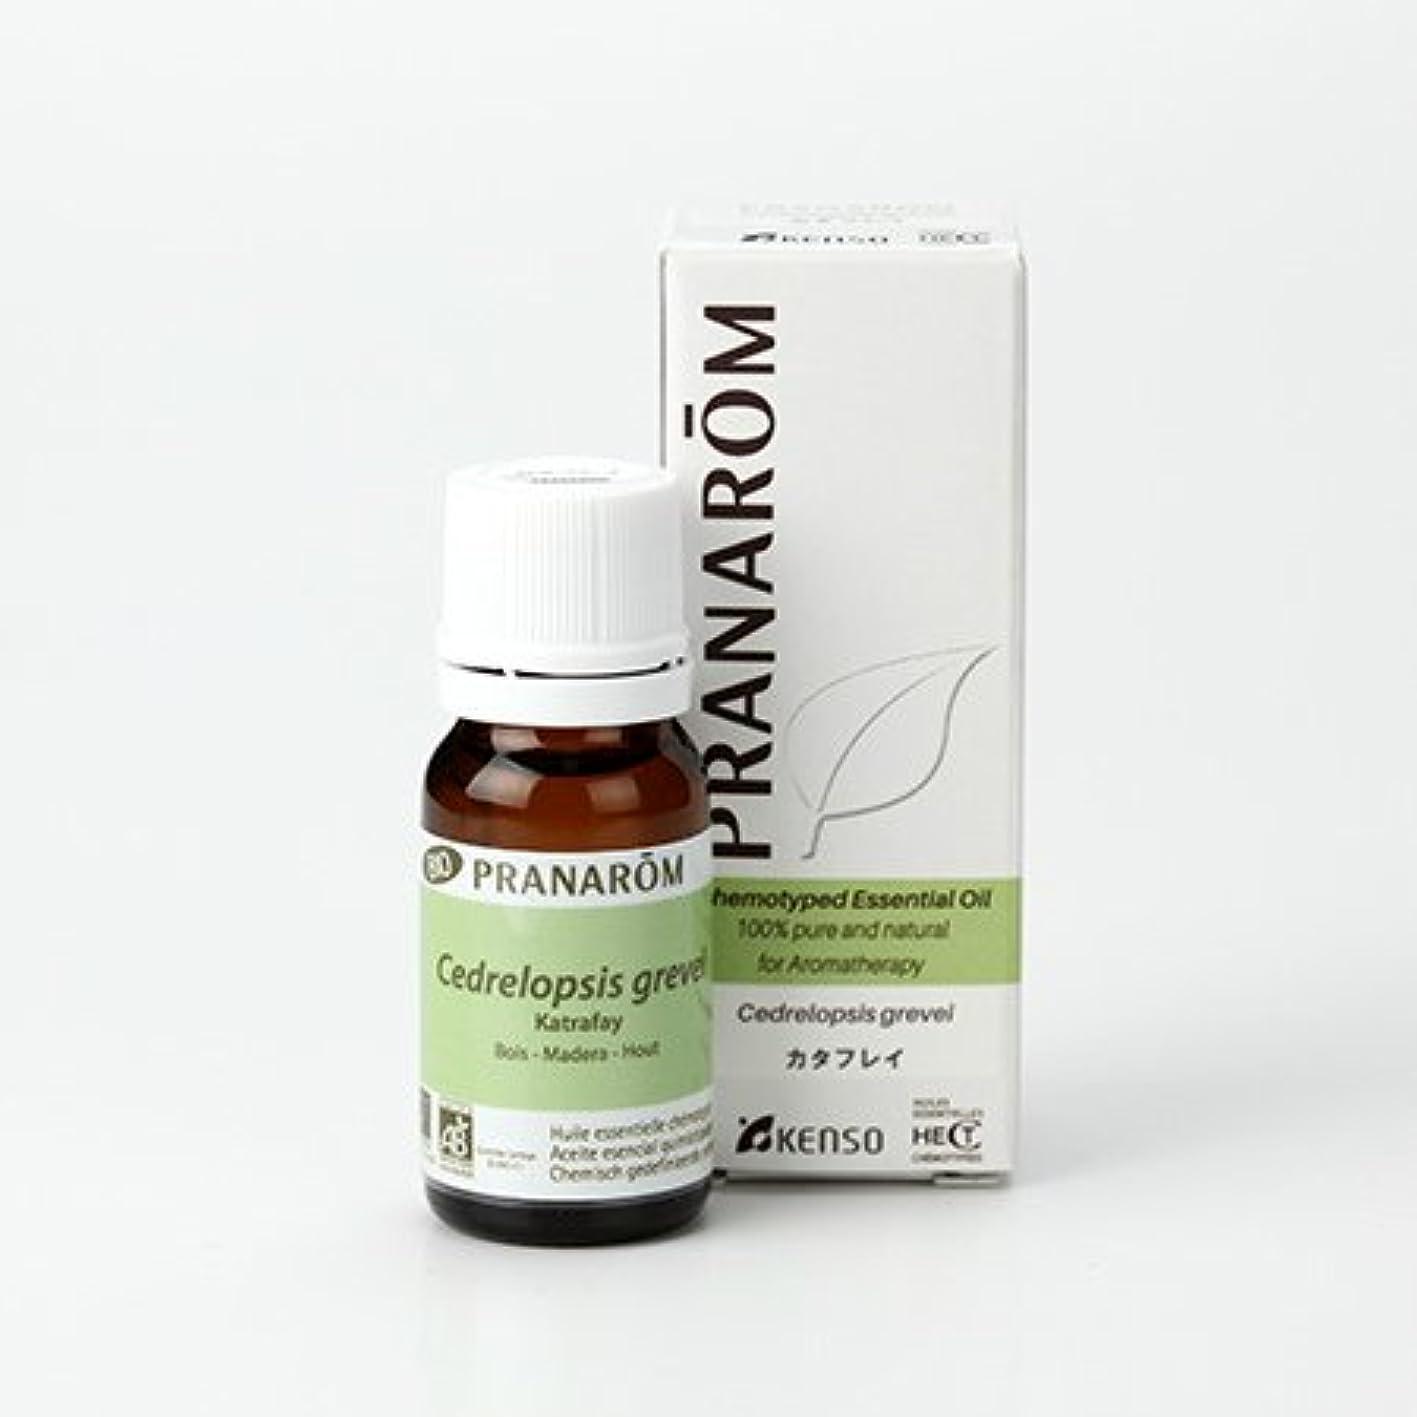 床を掃除する古い継続中プラナロム カタフレイ 10ml (PRANAROM ケモタイプ精油)